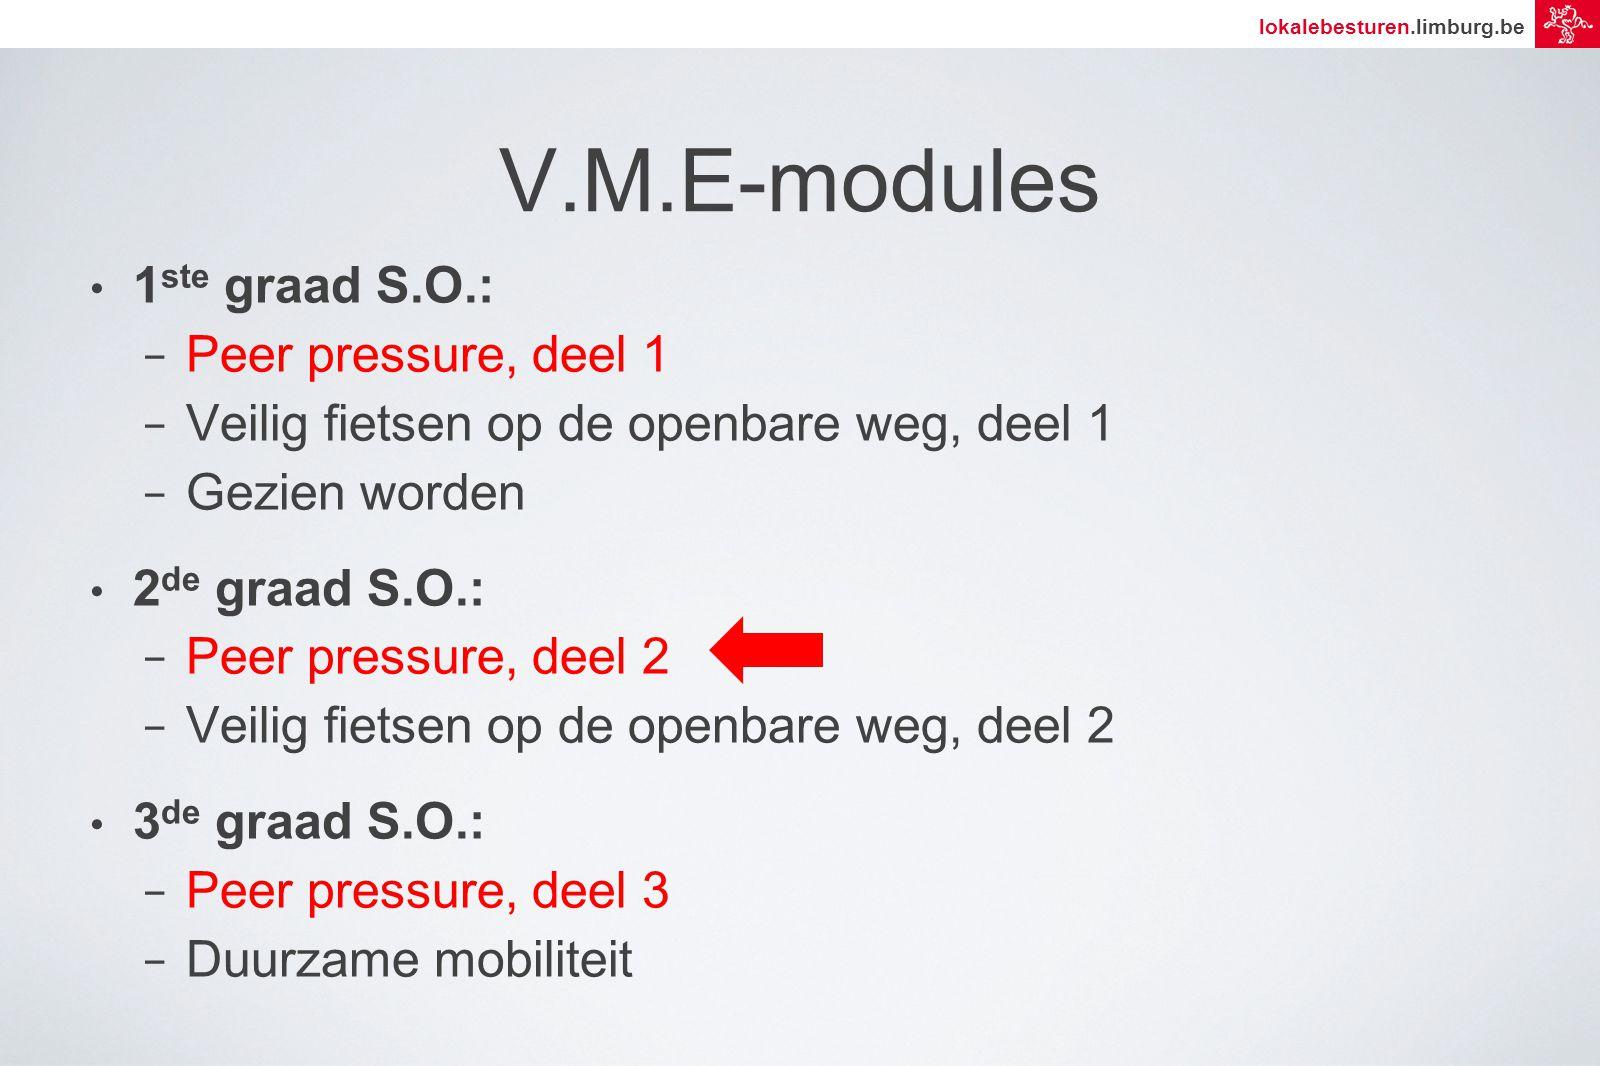 lokalebesturen.limburg.be V.M.E-modules 1 ste graad S.O.: − Peer pressure, deel 1 − Veilig fietsen op de openbare weg, deel 1 − Gezien worden 2 de graad S.O.: − Peer pressure, deel 2 − Veilig fietsen op de openbare weg, deel 2 3 de graad S.O.: − Peer pressure, deel 3 − Duurzame mobiliteit